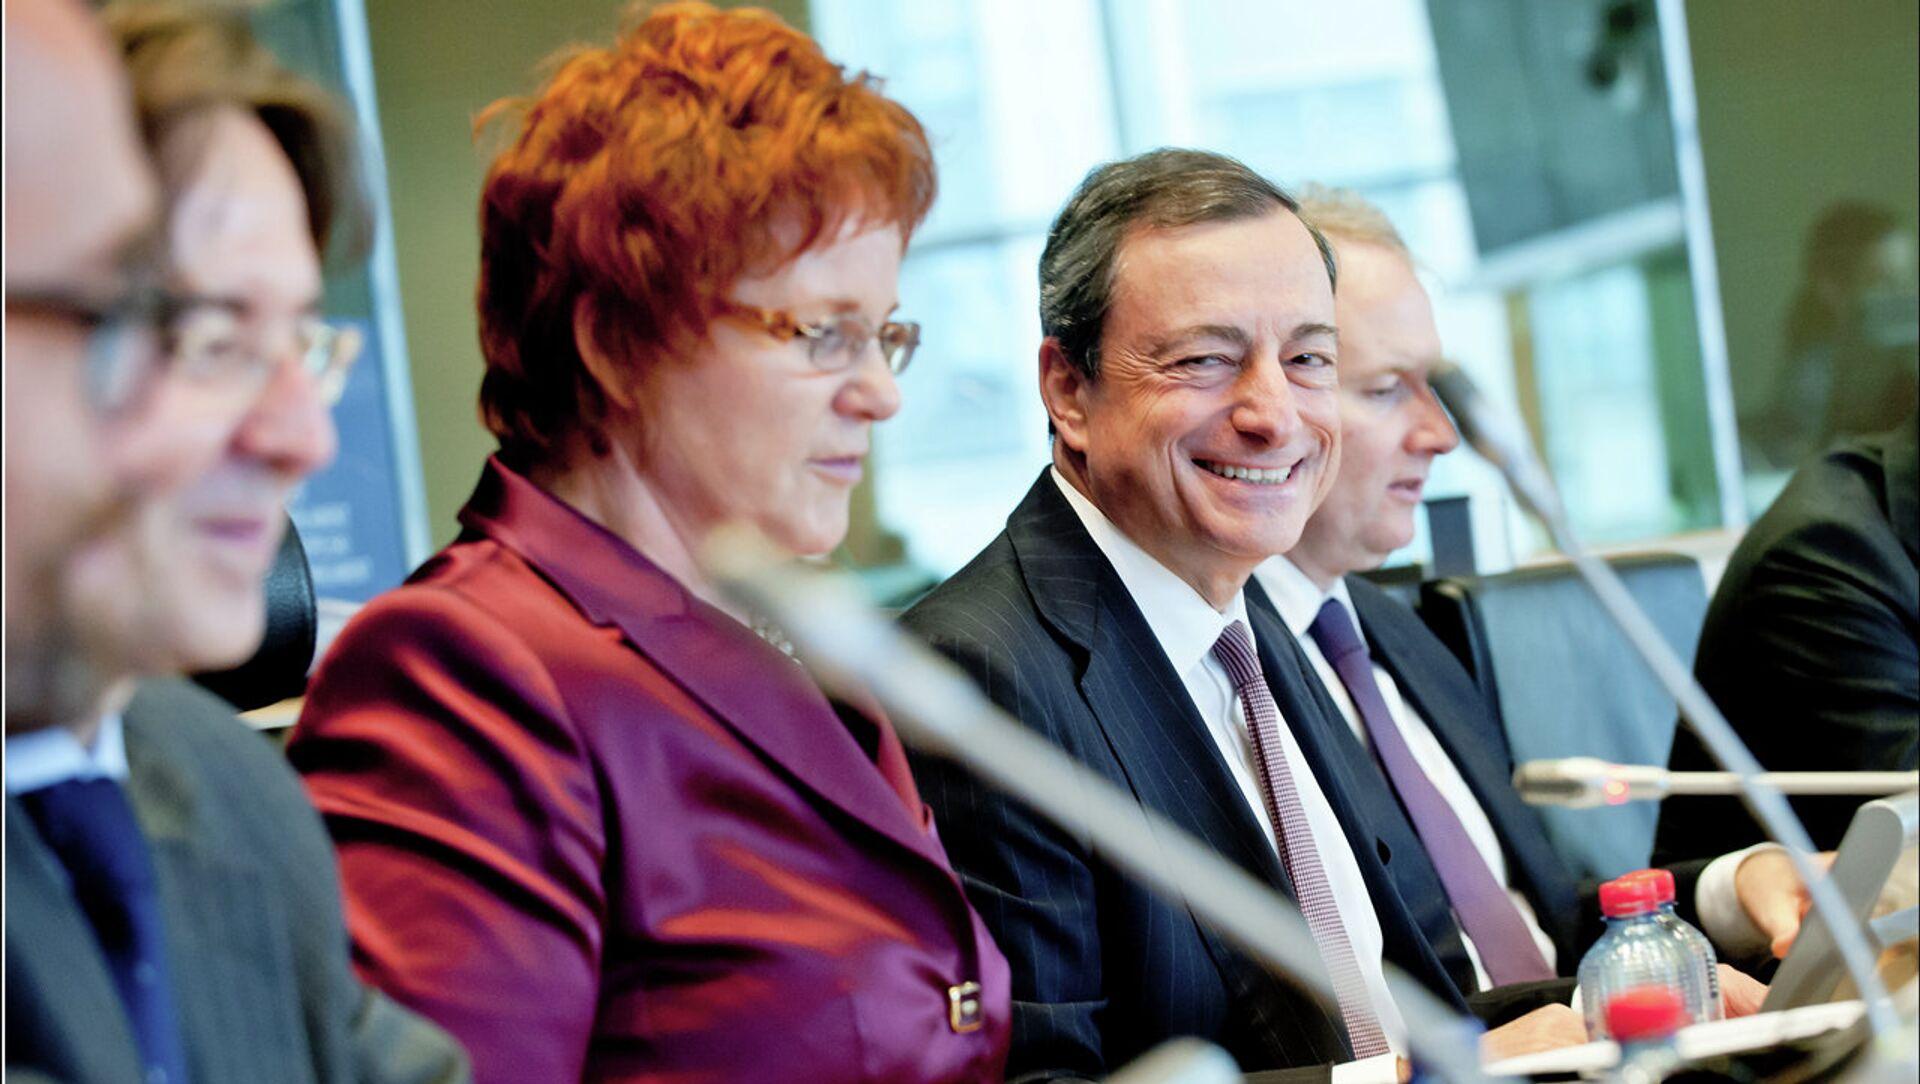 Chi è Mario Draghi, il nuovo premier incaricato - Sputnik Italia, 1920, 03.02.2021